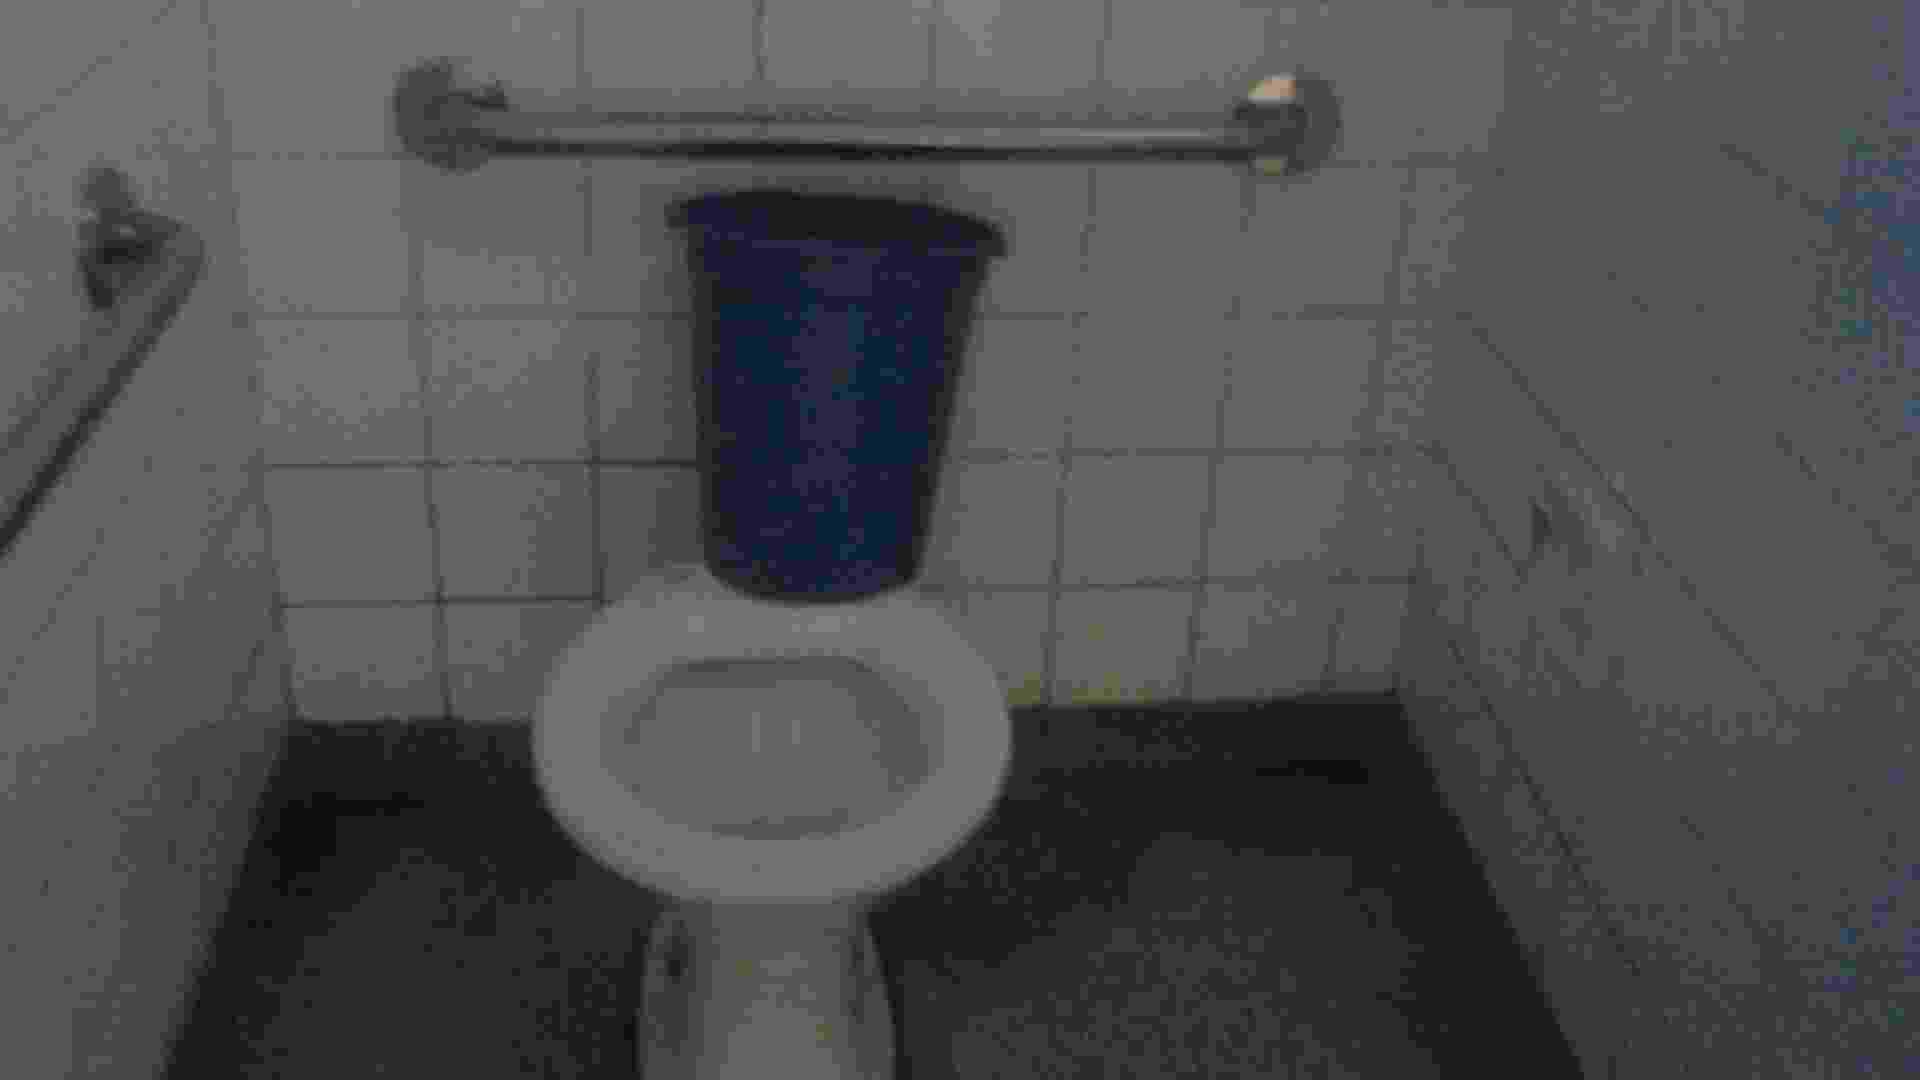 Imagem publicada no Diário de Classe da E.M.I.E.F Marisa Lapido Barbosa, de Taubaté (SP) mostra o banheiro adaptado para deficientes com vazamento e um balde para conter a água; alunos fizeram página no Facebook para denunciar problemas recorrentes nas escolas - Reprodução